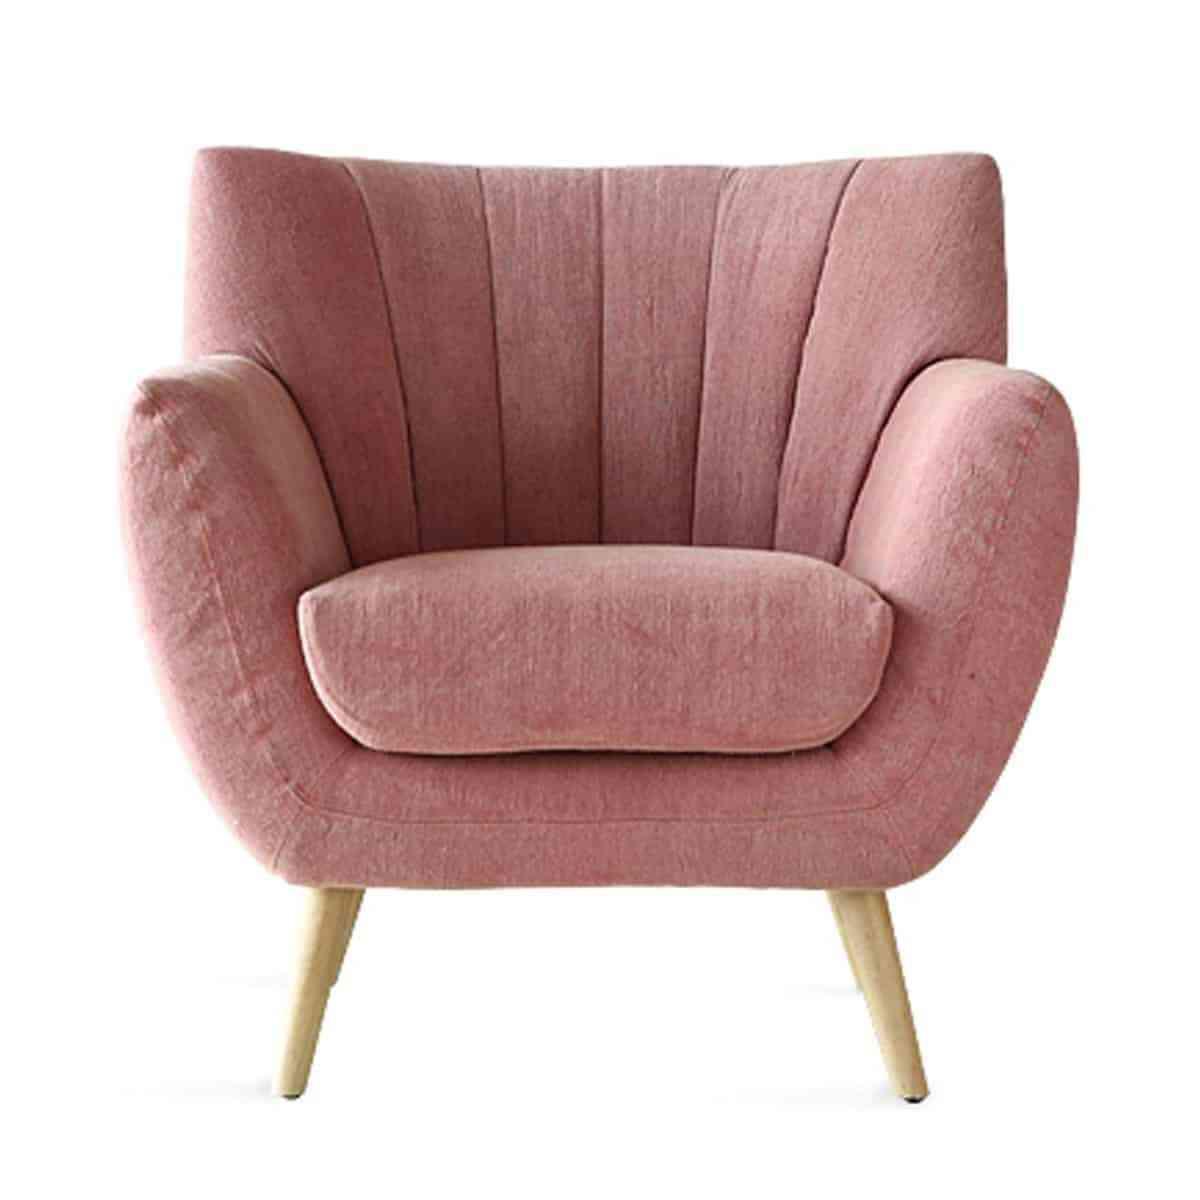 Giá sofa cho phòng khách nhỏ xinh bạn nên biết - Gia sofa cho phong khach nho xinh ban nen biet 5